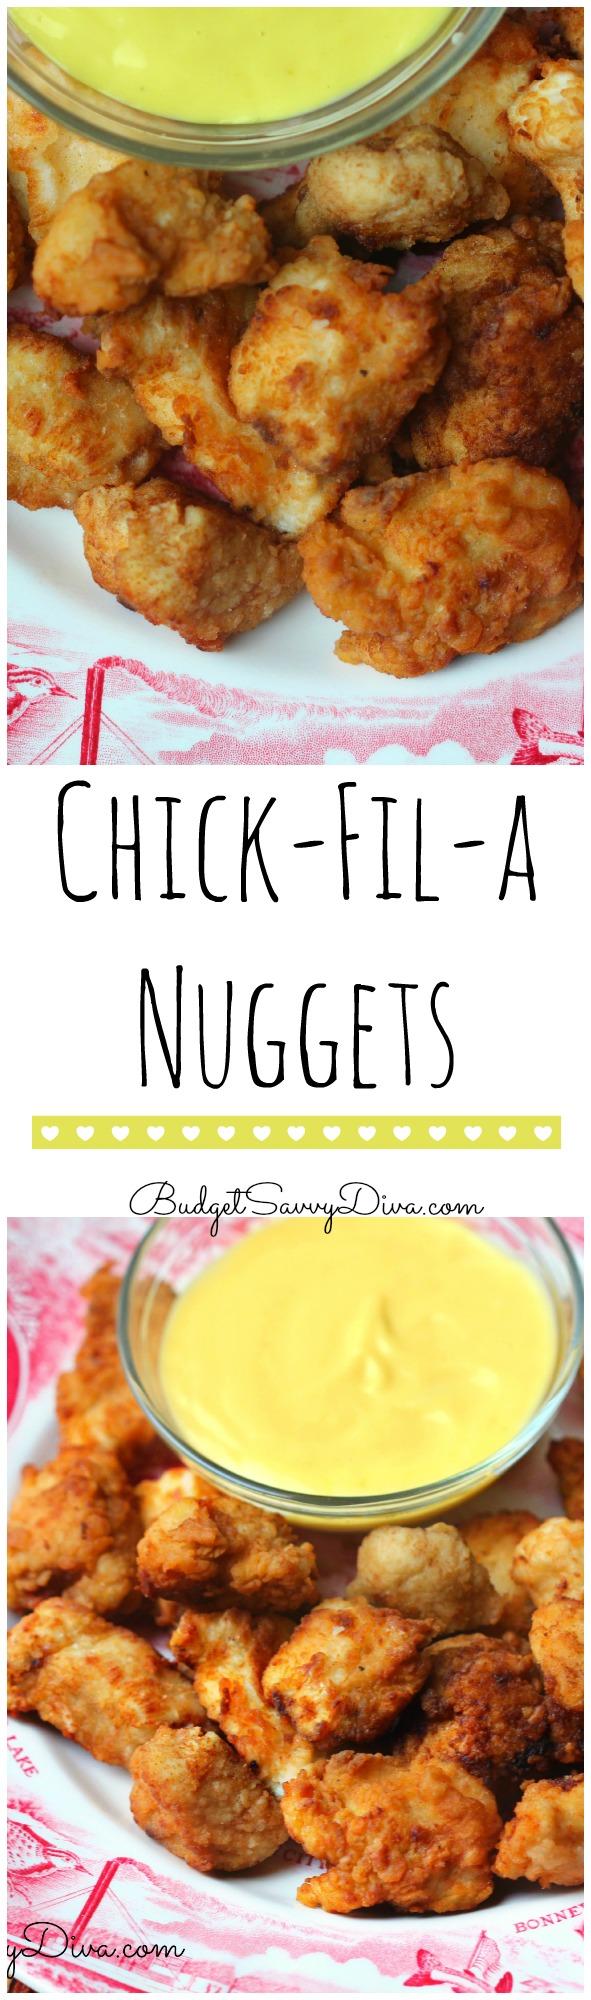 Copy Cat Recipe - Chick - Fil - A Nuggets